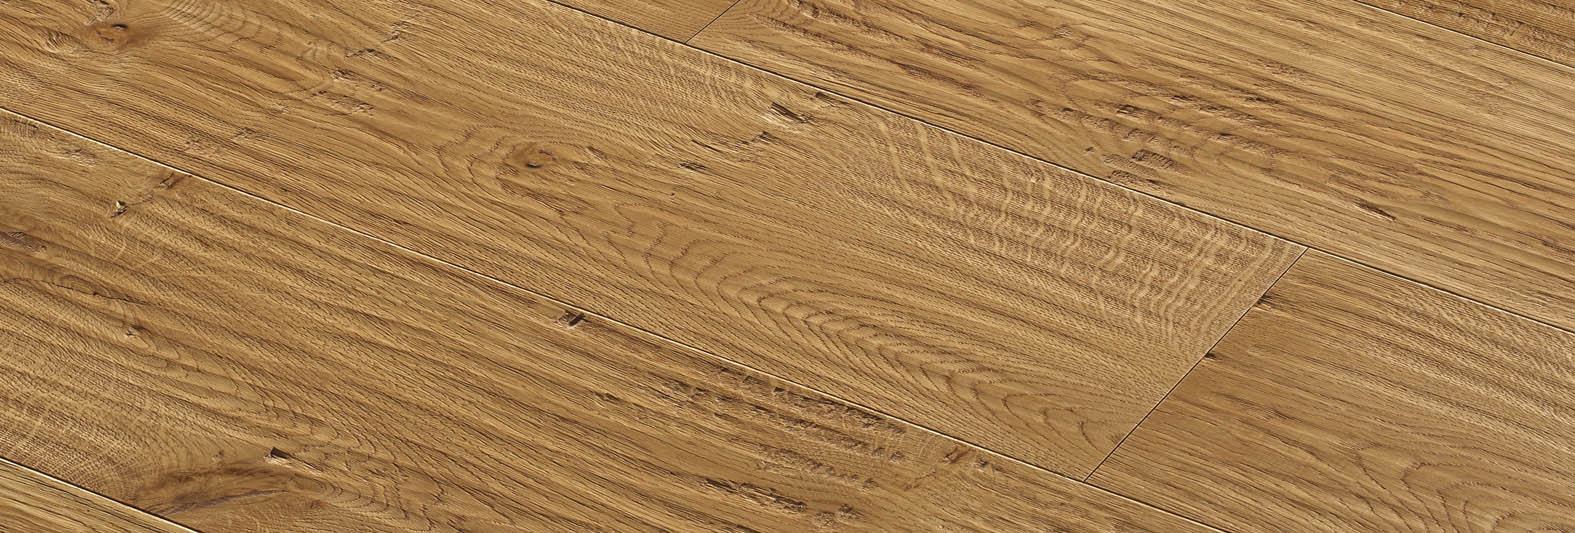 Artigiana Arredamenti - Pavimenti, scale, arredi in legno ...